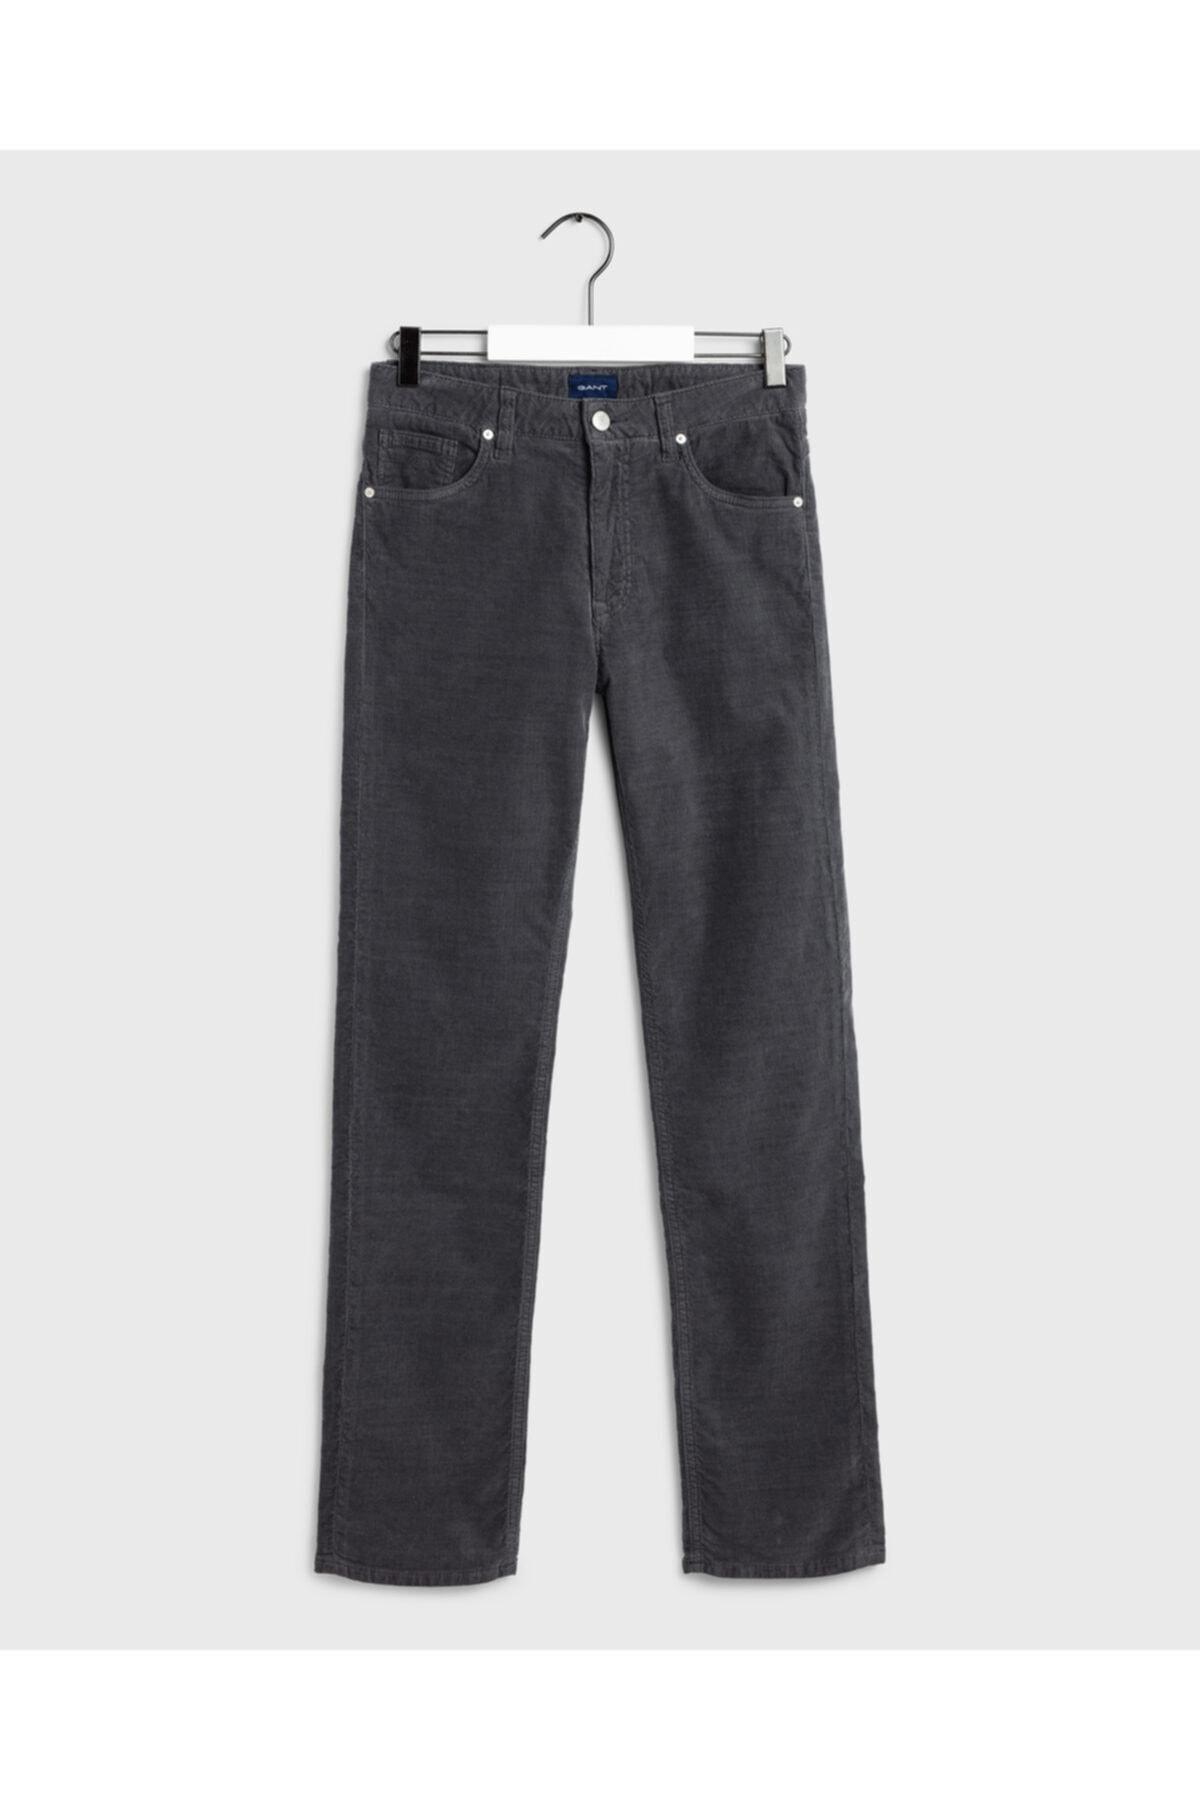 Gant Kadın Gri Pantolon 1